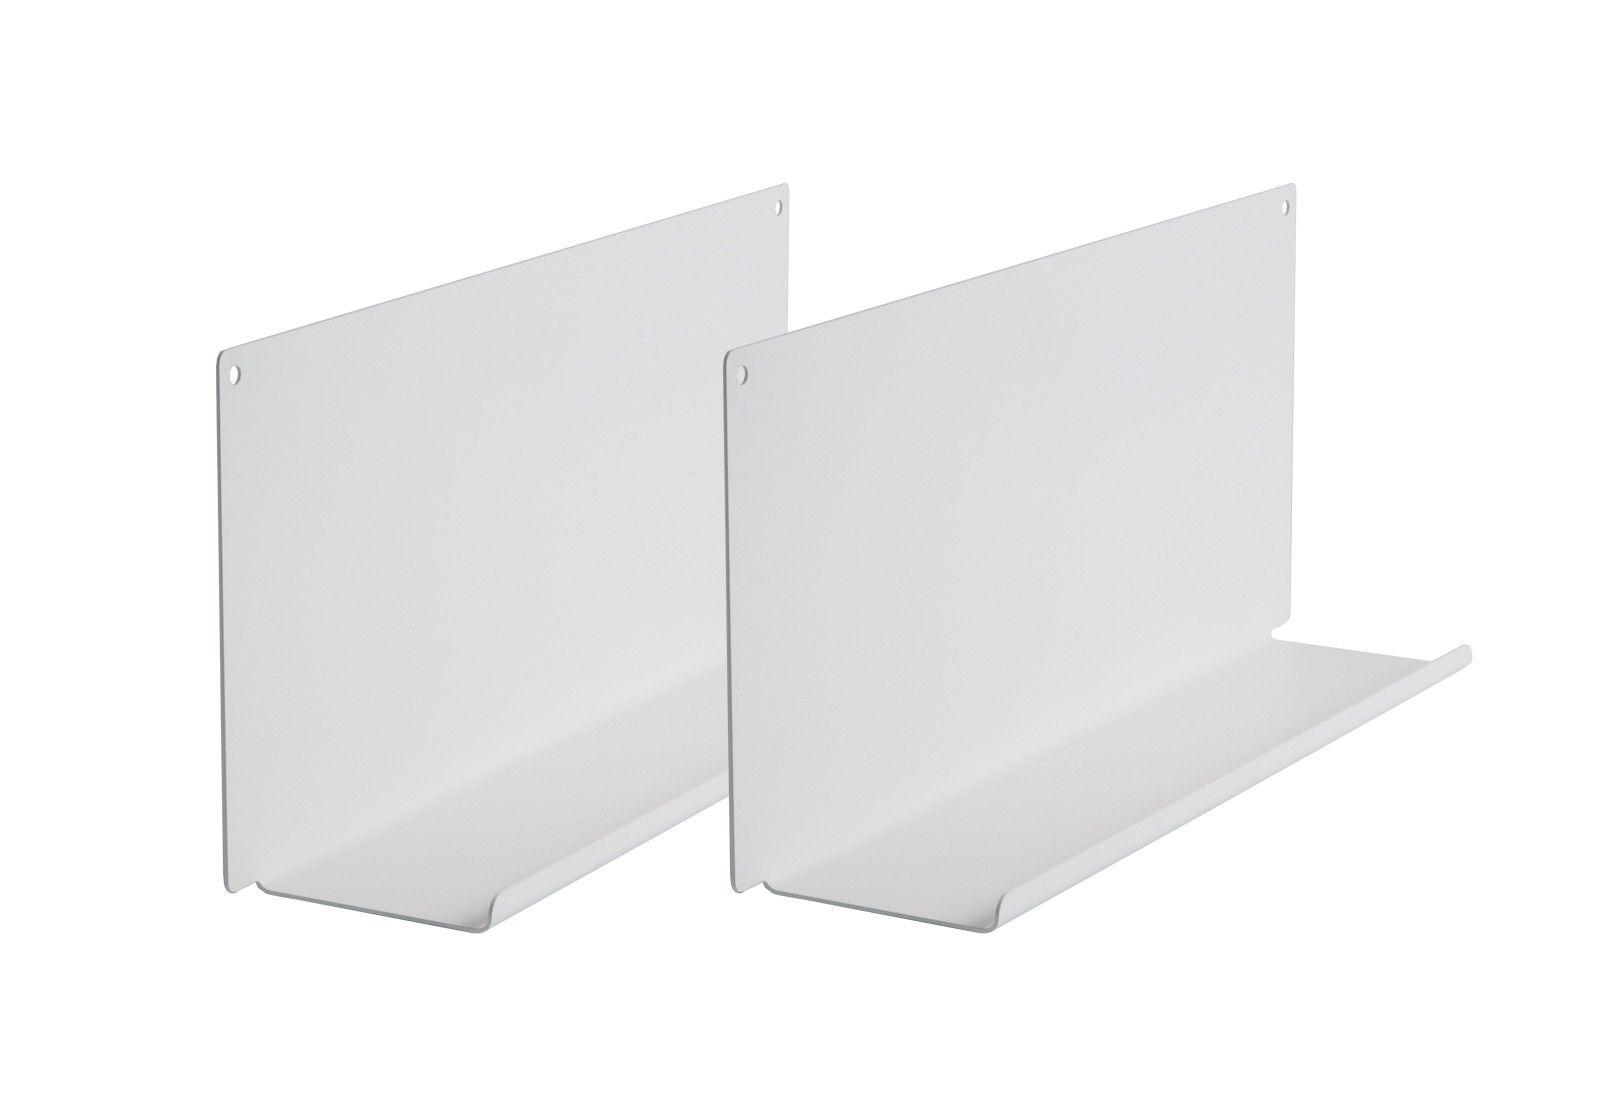 """Estantes de pared para cuarto de baño """"LE"""" - Juego de 2 3-4"""